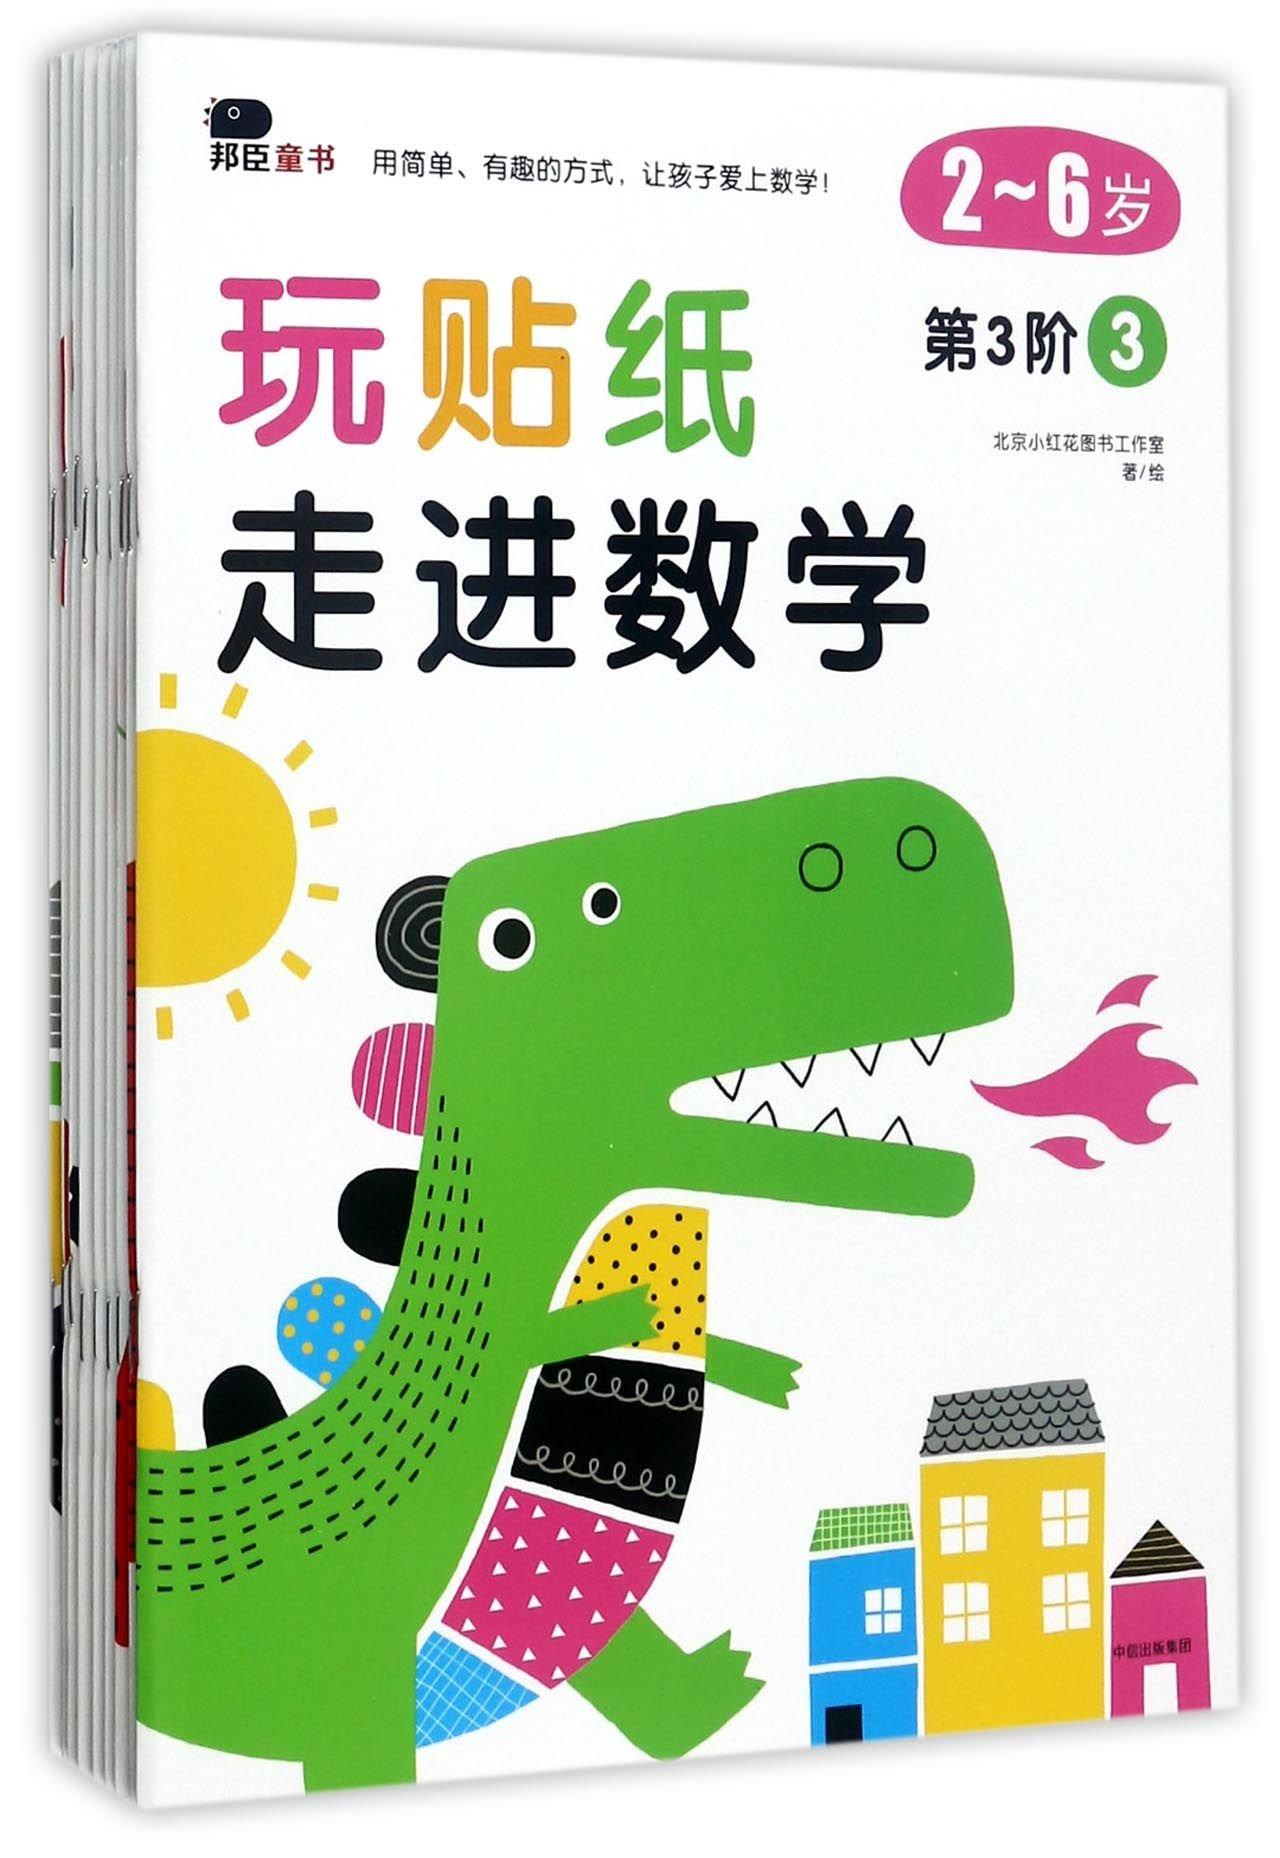 Download 玩贴纸走进数学(2-6岁共9册) ebook